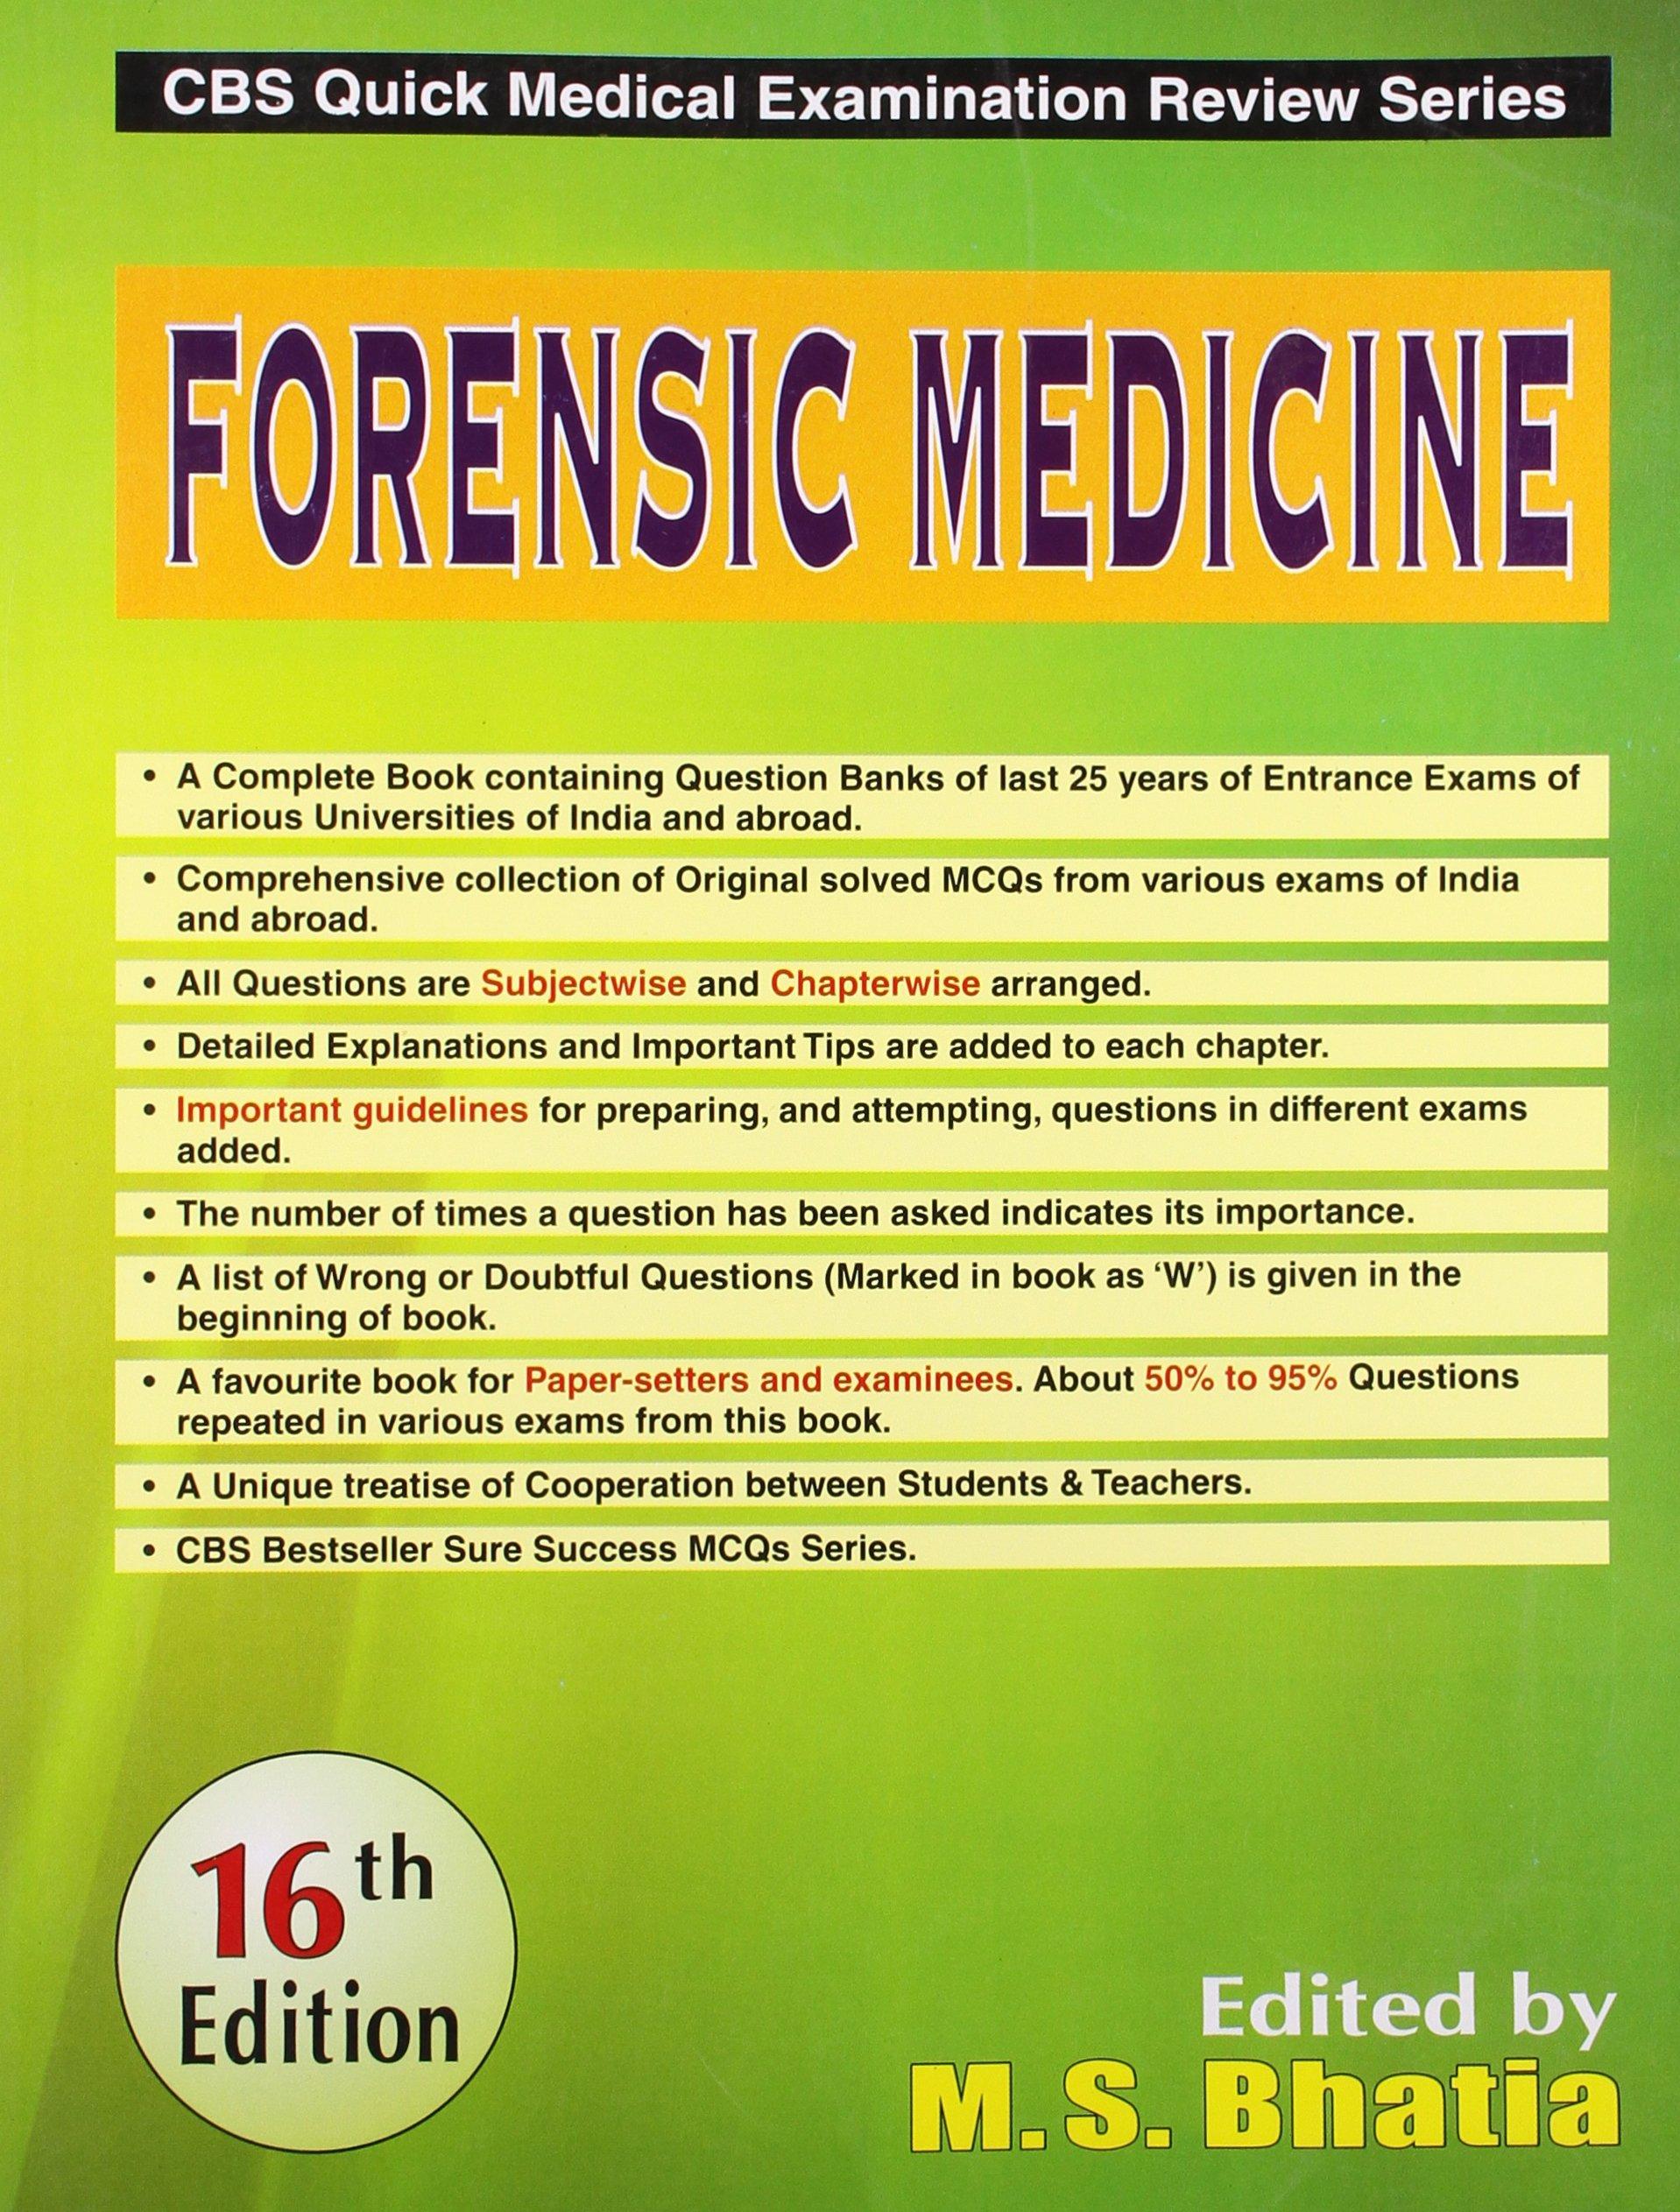 Forensic Medicine 16e Cbs Quick Medical Examination Review Series Pb M S Bhatia 9788123922195 Amazon Com Books